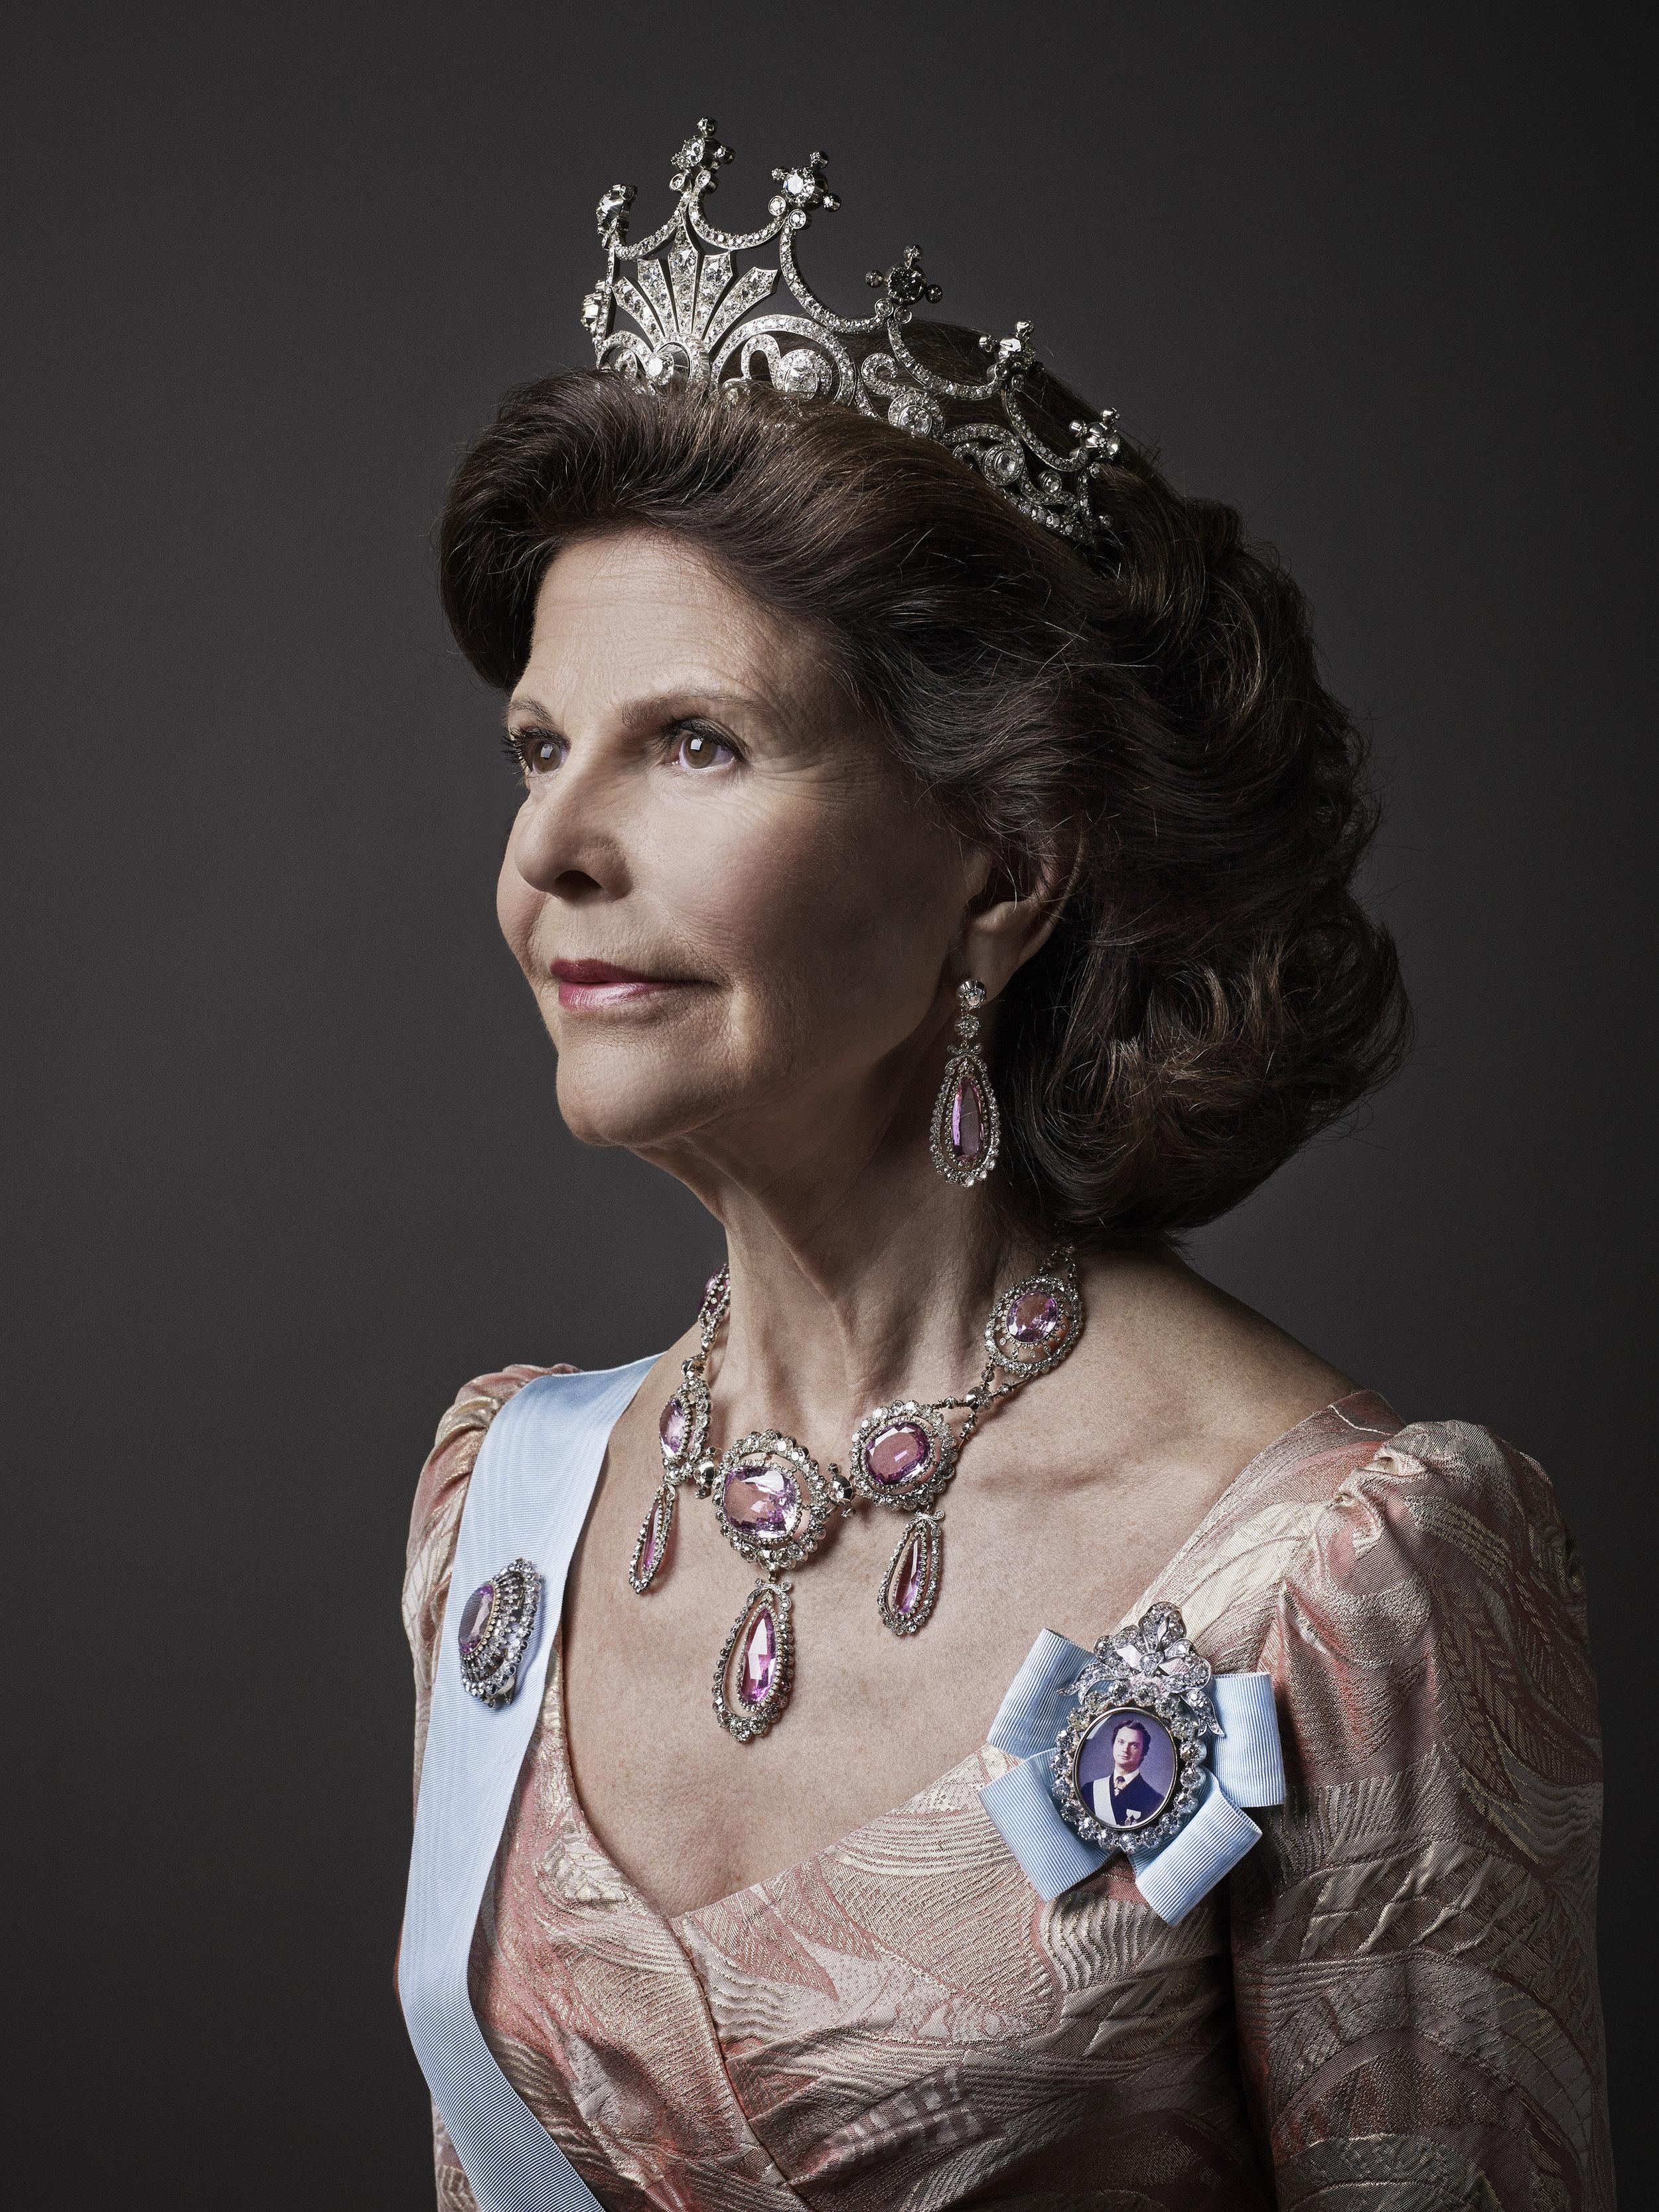 Ihr königliches Haupt krönt Silvia gerne mit der Tiara von Königin Sofia.  Foto: Anna-Lena Ahlström kungahuset.se